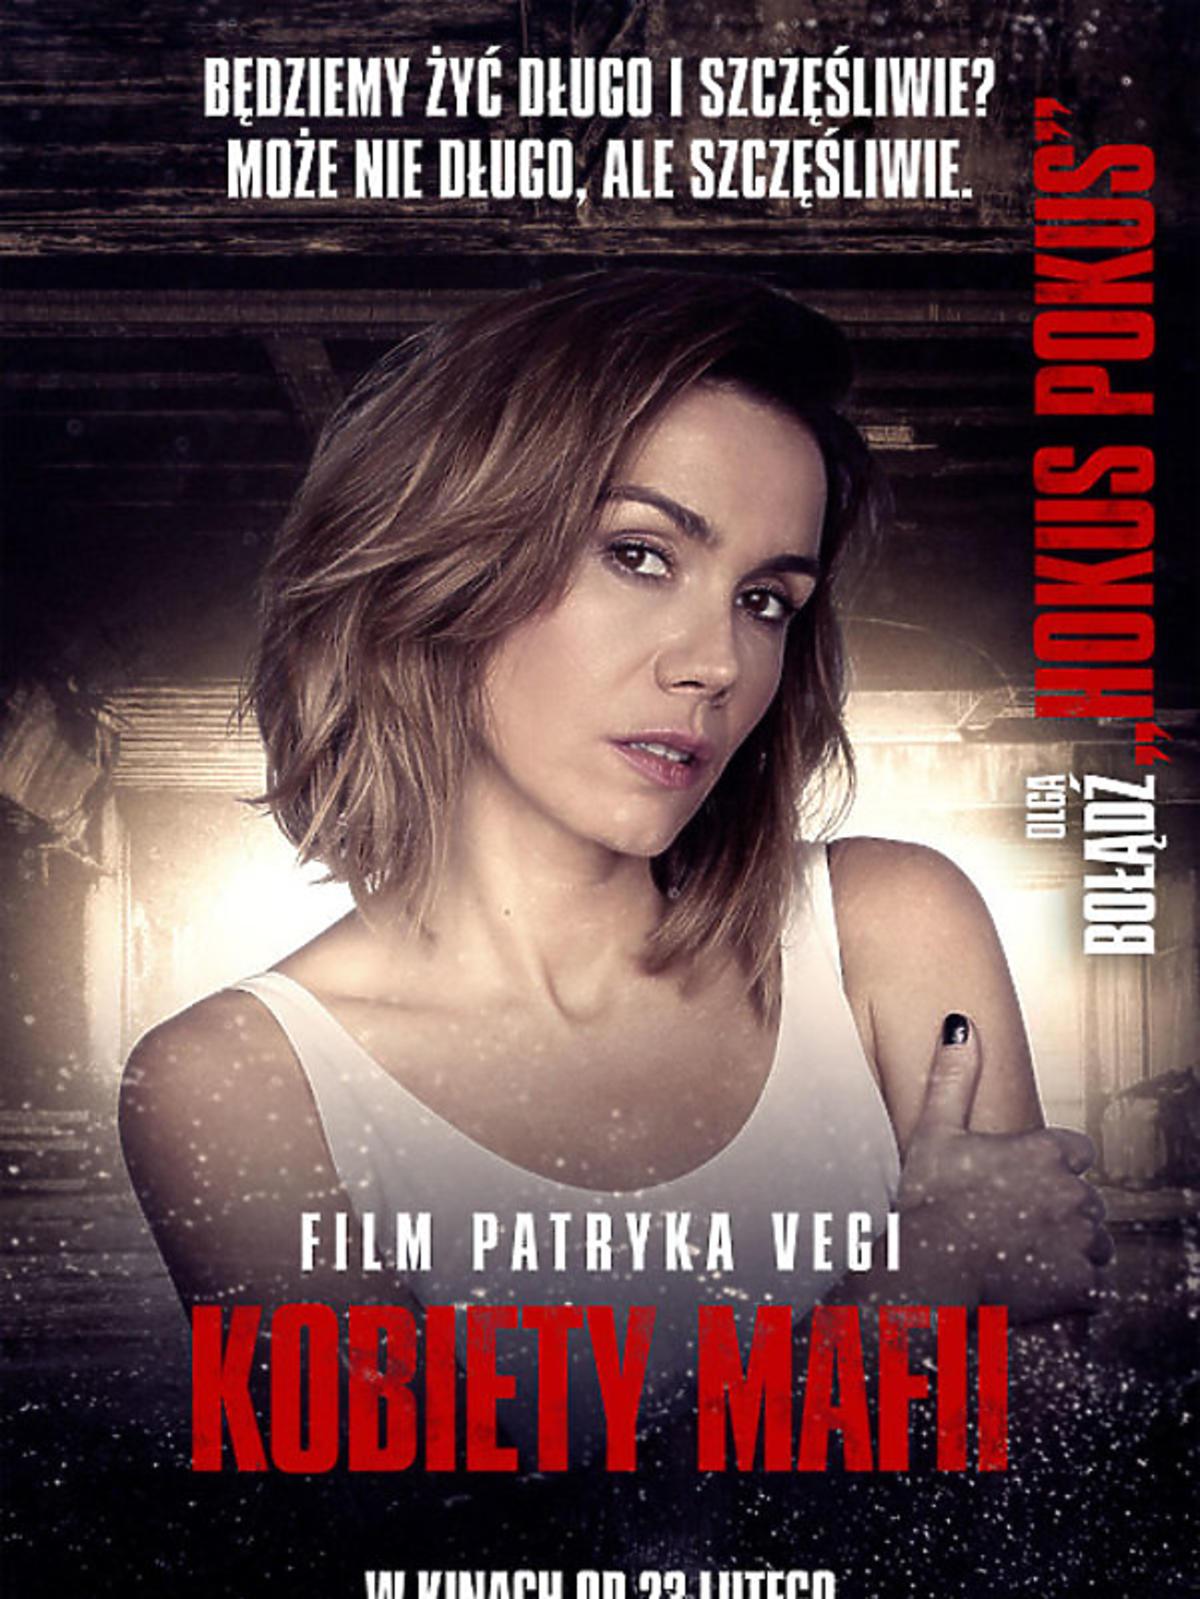 Kobiety mafii - Olga Bołądź na plakacie